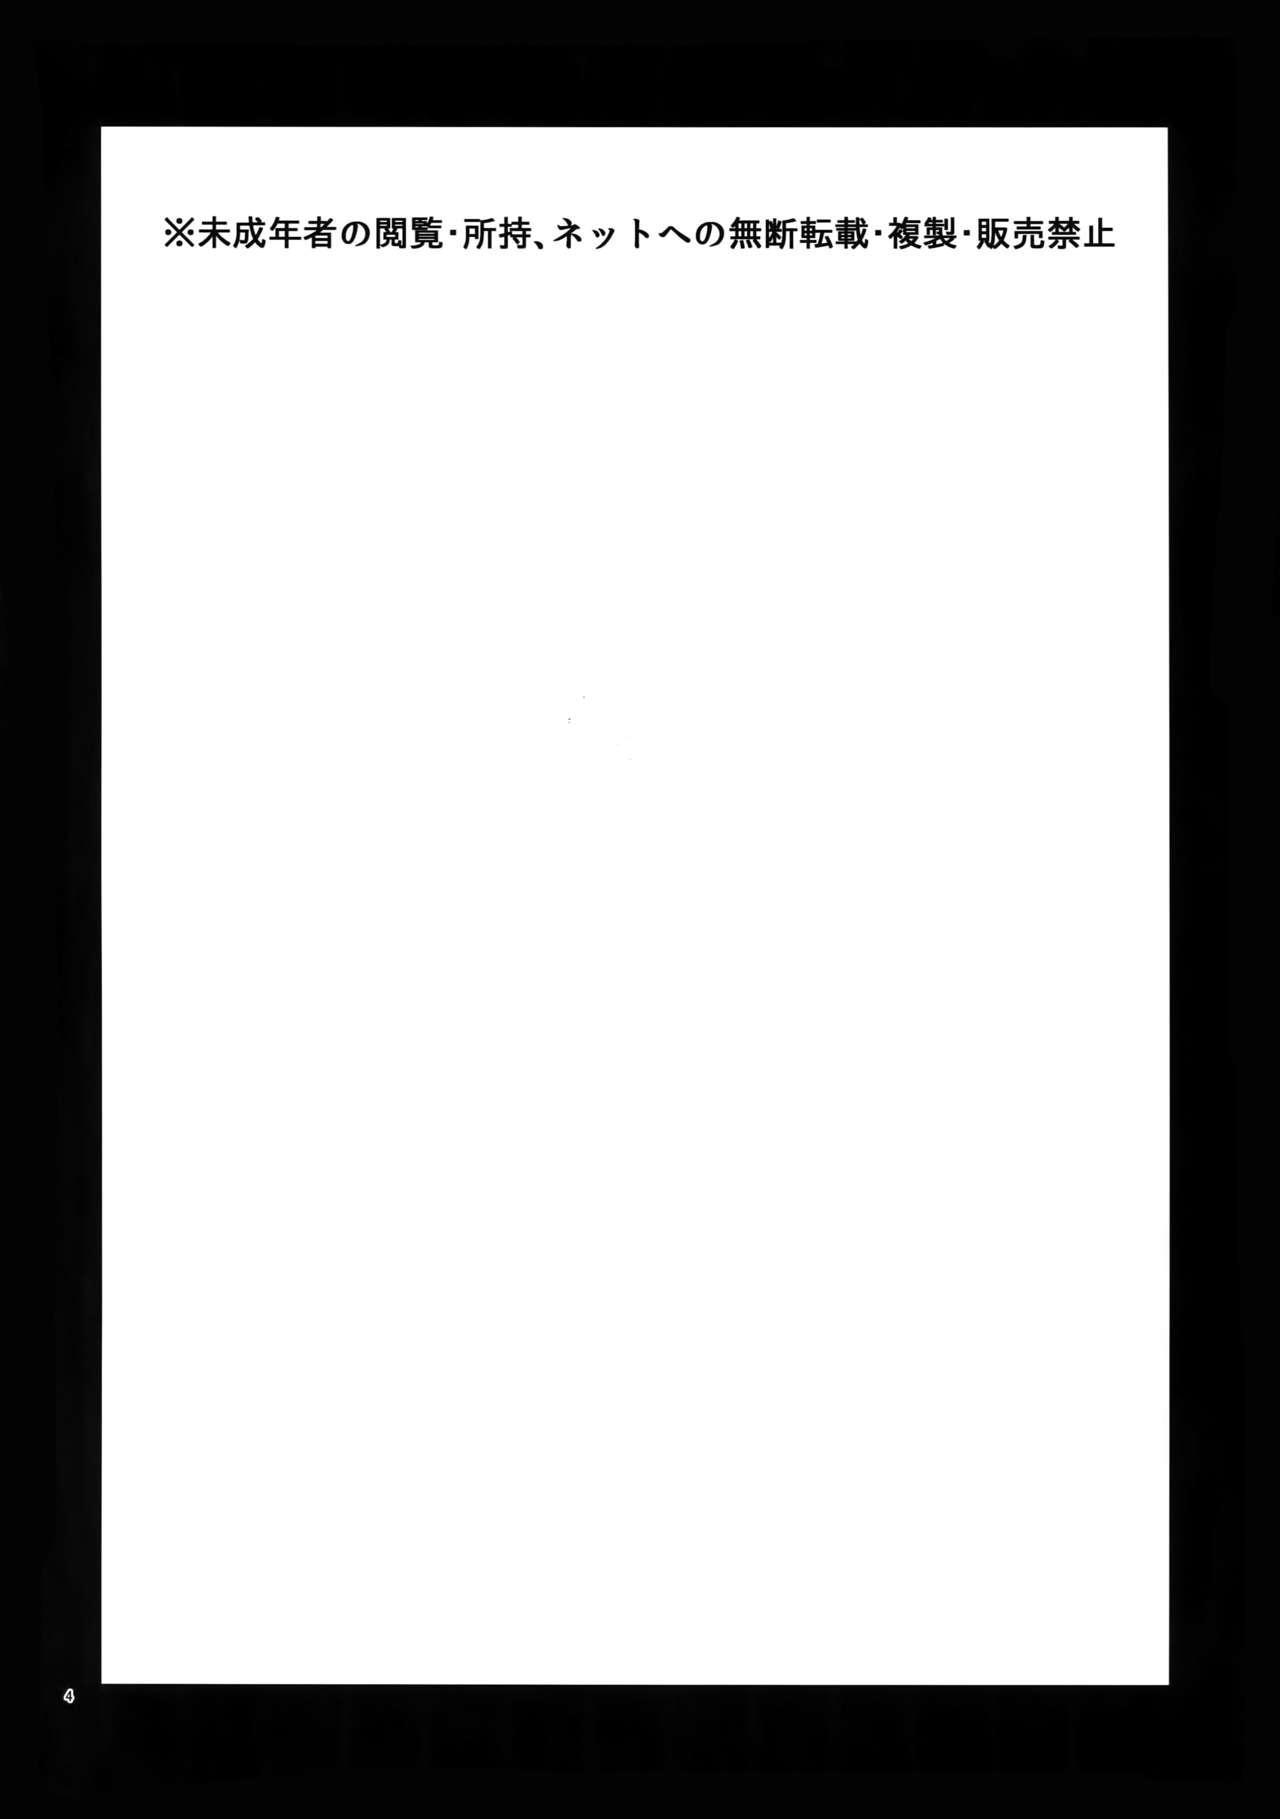 Hikigaya Hachiman o Saiminjutsu de Kanojo ni Shite Yaritai Houdai Suru Hon. 2 | 比企谷八幡被下催眠术成女友随便给人干的本。2 3